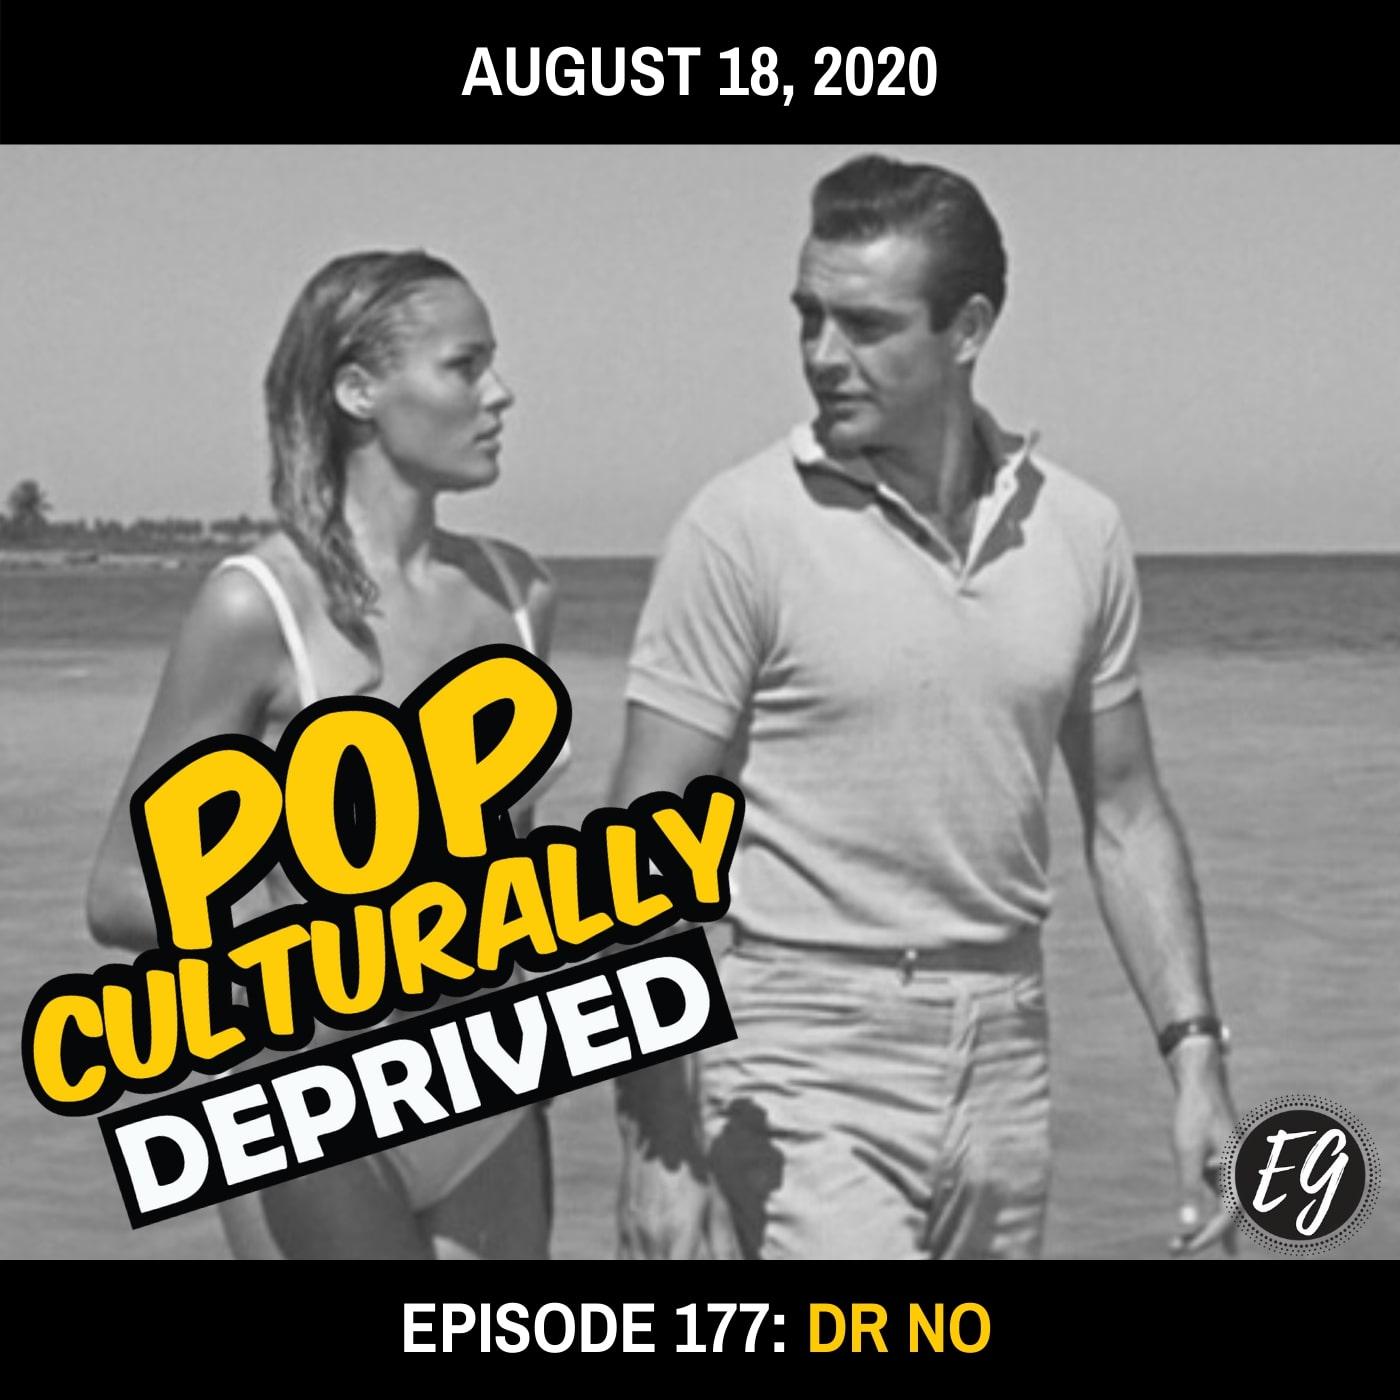 Episode 177: Dr No